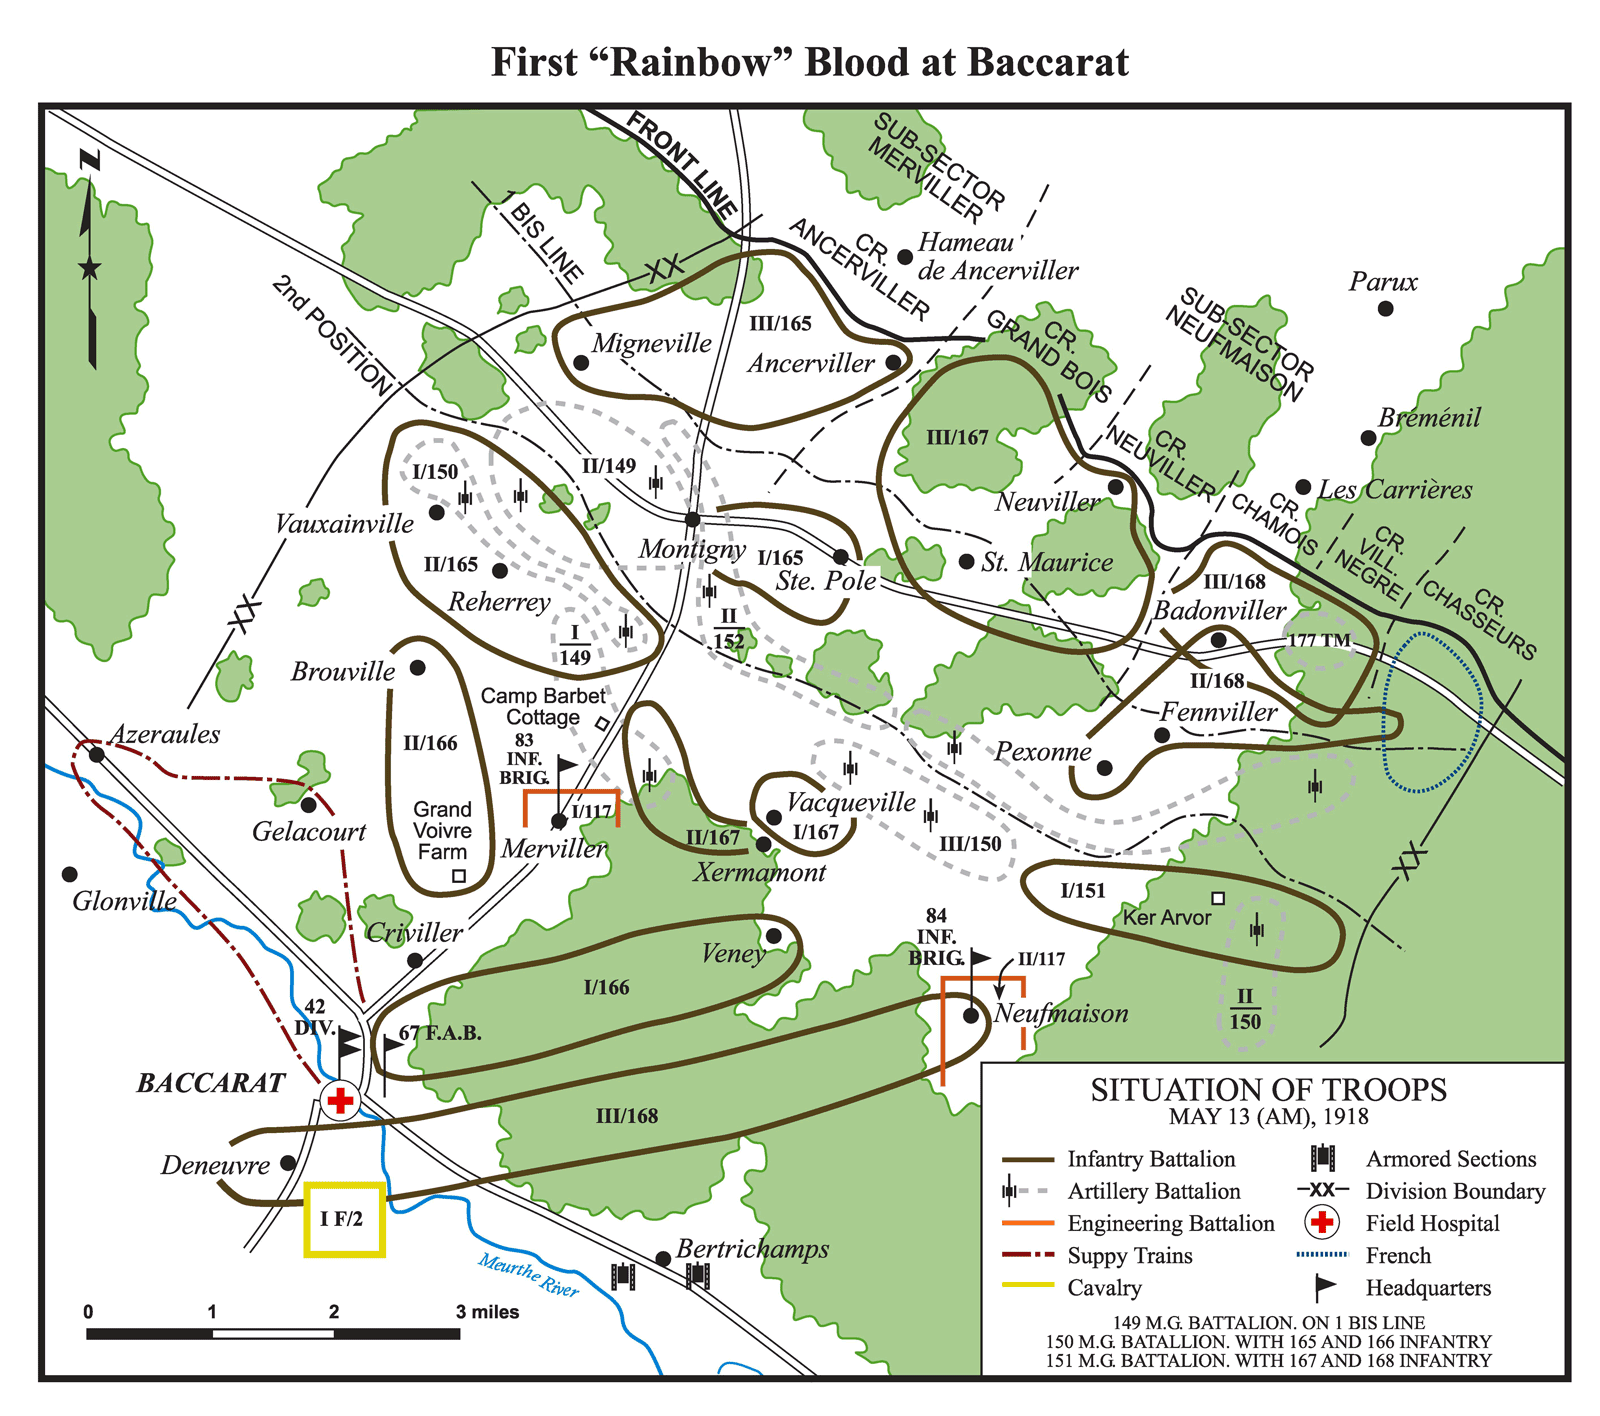 Les premières pertes de la division arc-en-ciel à Baccarat